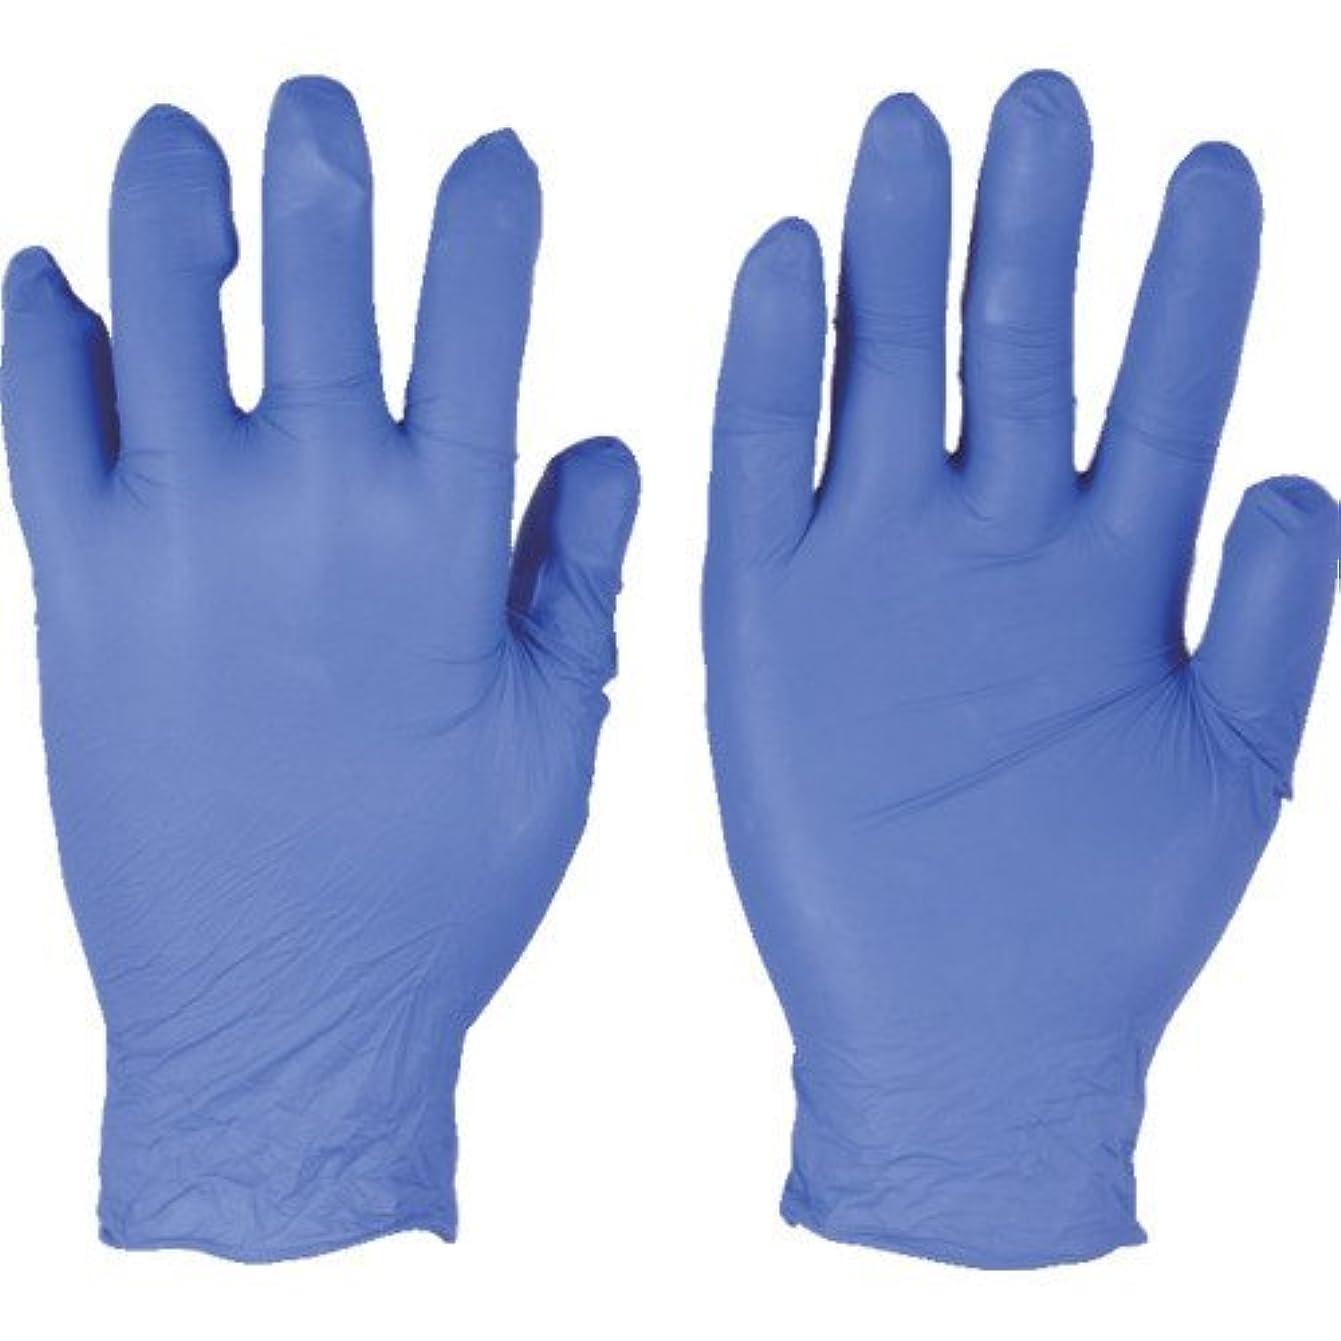 ほかに主導権分析的トラスコ中山 アンセル ニトリルゴム使い捨て手袋 エッジ 82-133 Lサイズ(300枚入り)  (300枚入) 821339